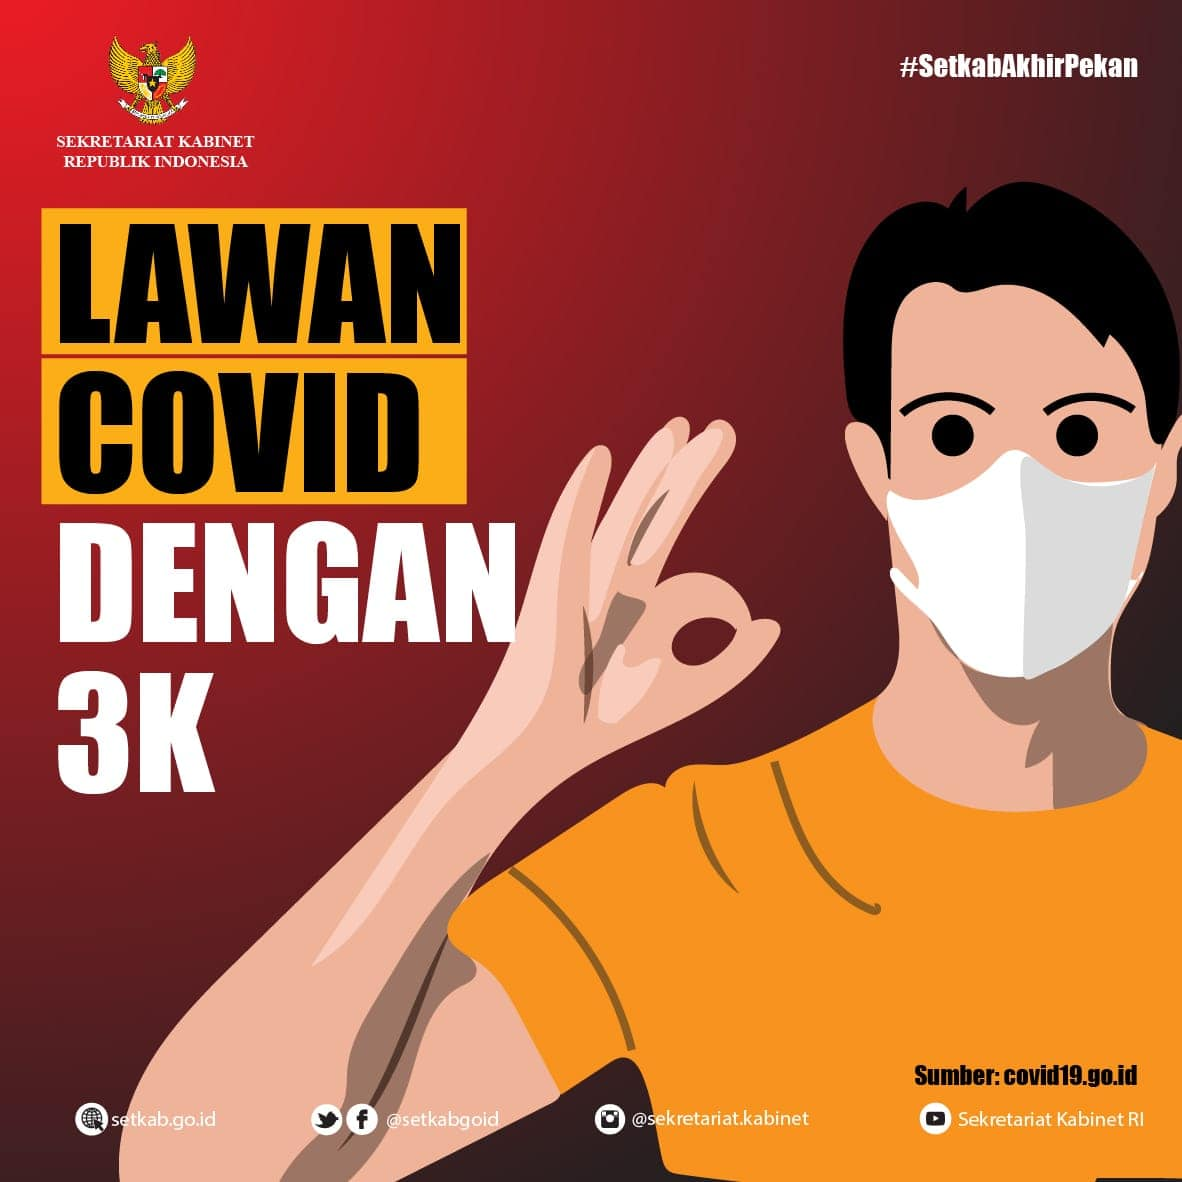 Lawan Covid-19 dengan 3K